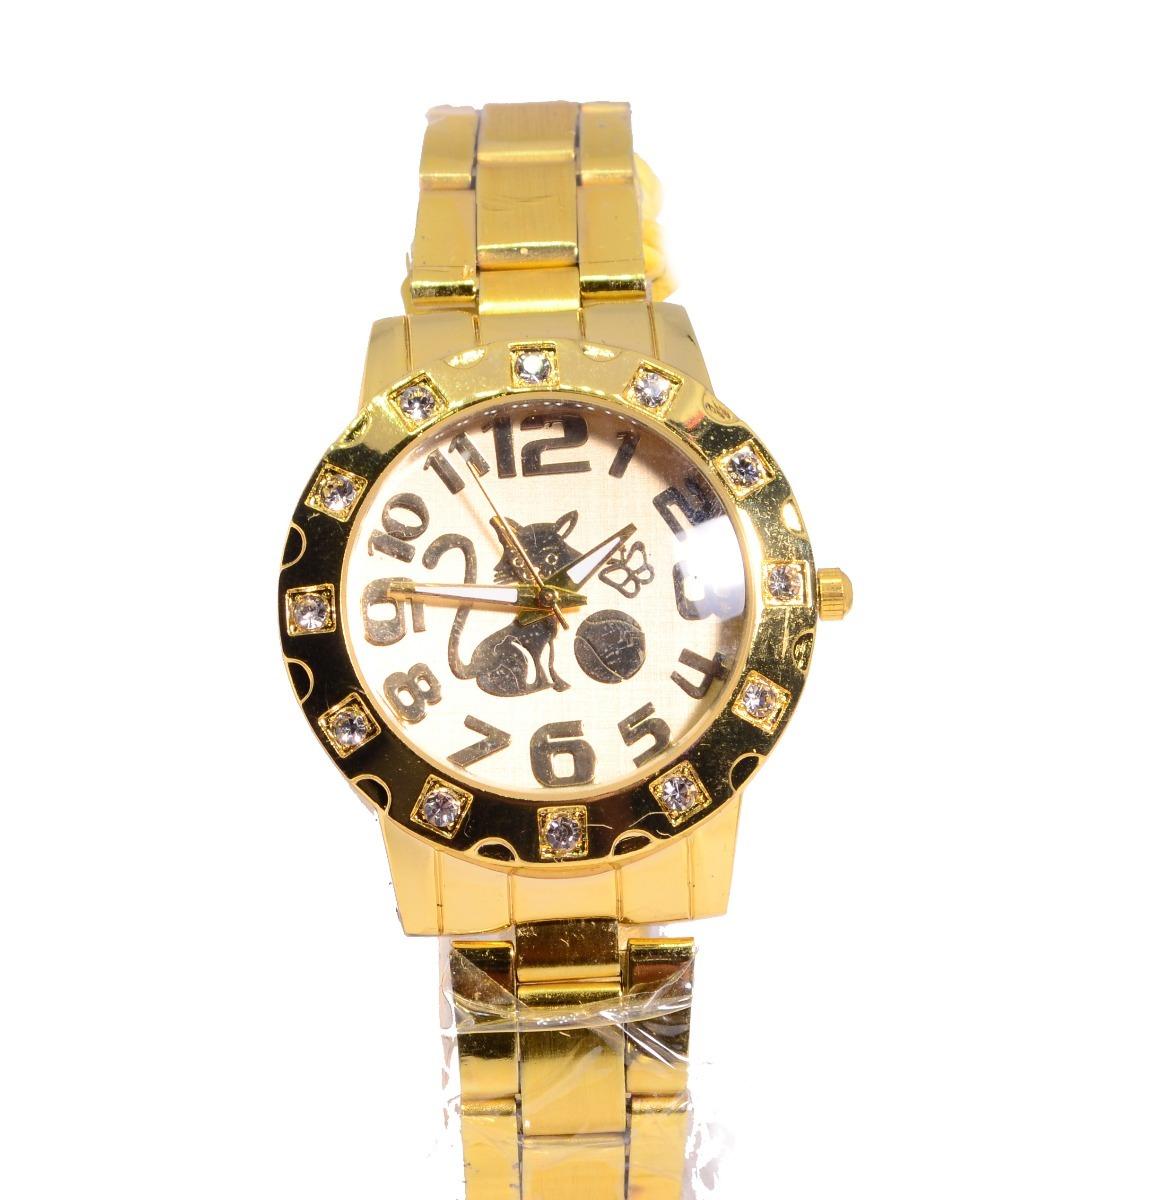 9f80d886e99 relógio feminino pulseira dourada gatinho lindo barato. Carregando zoom.